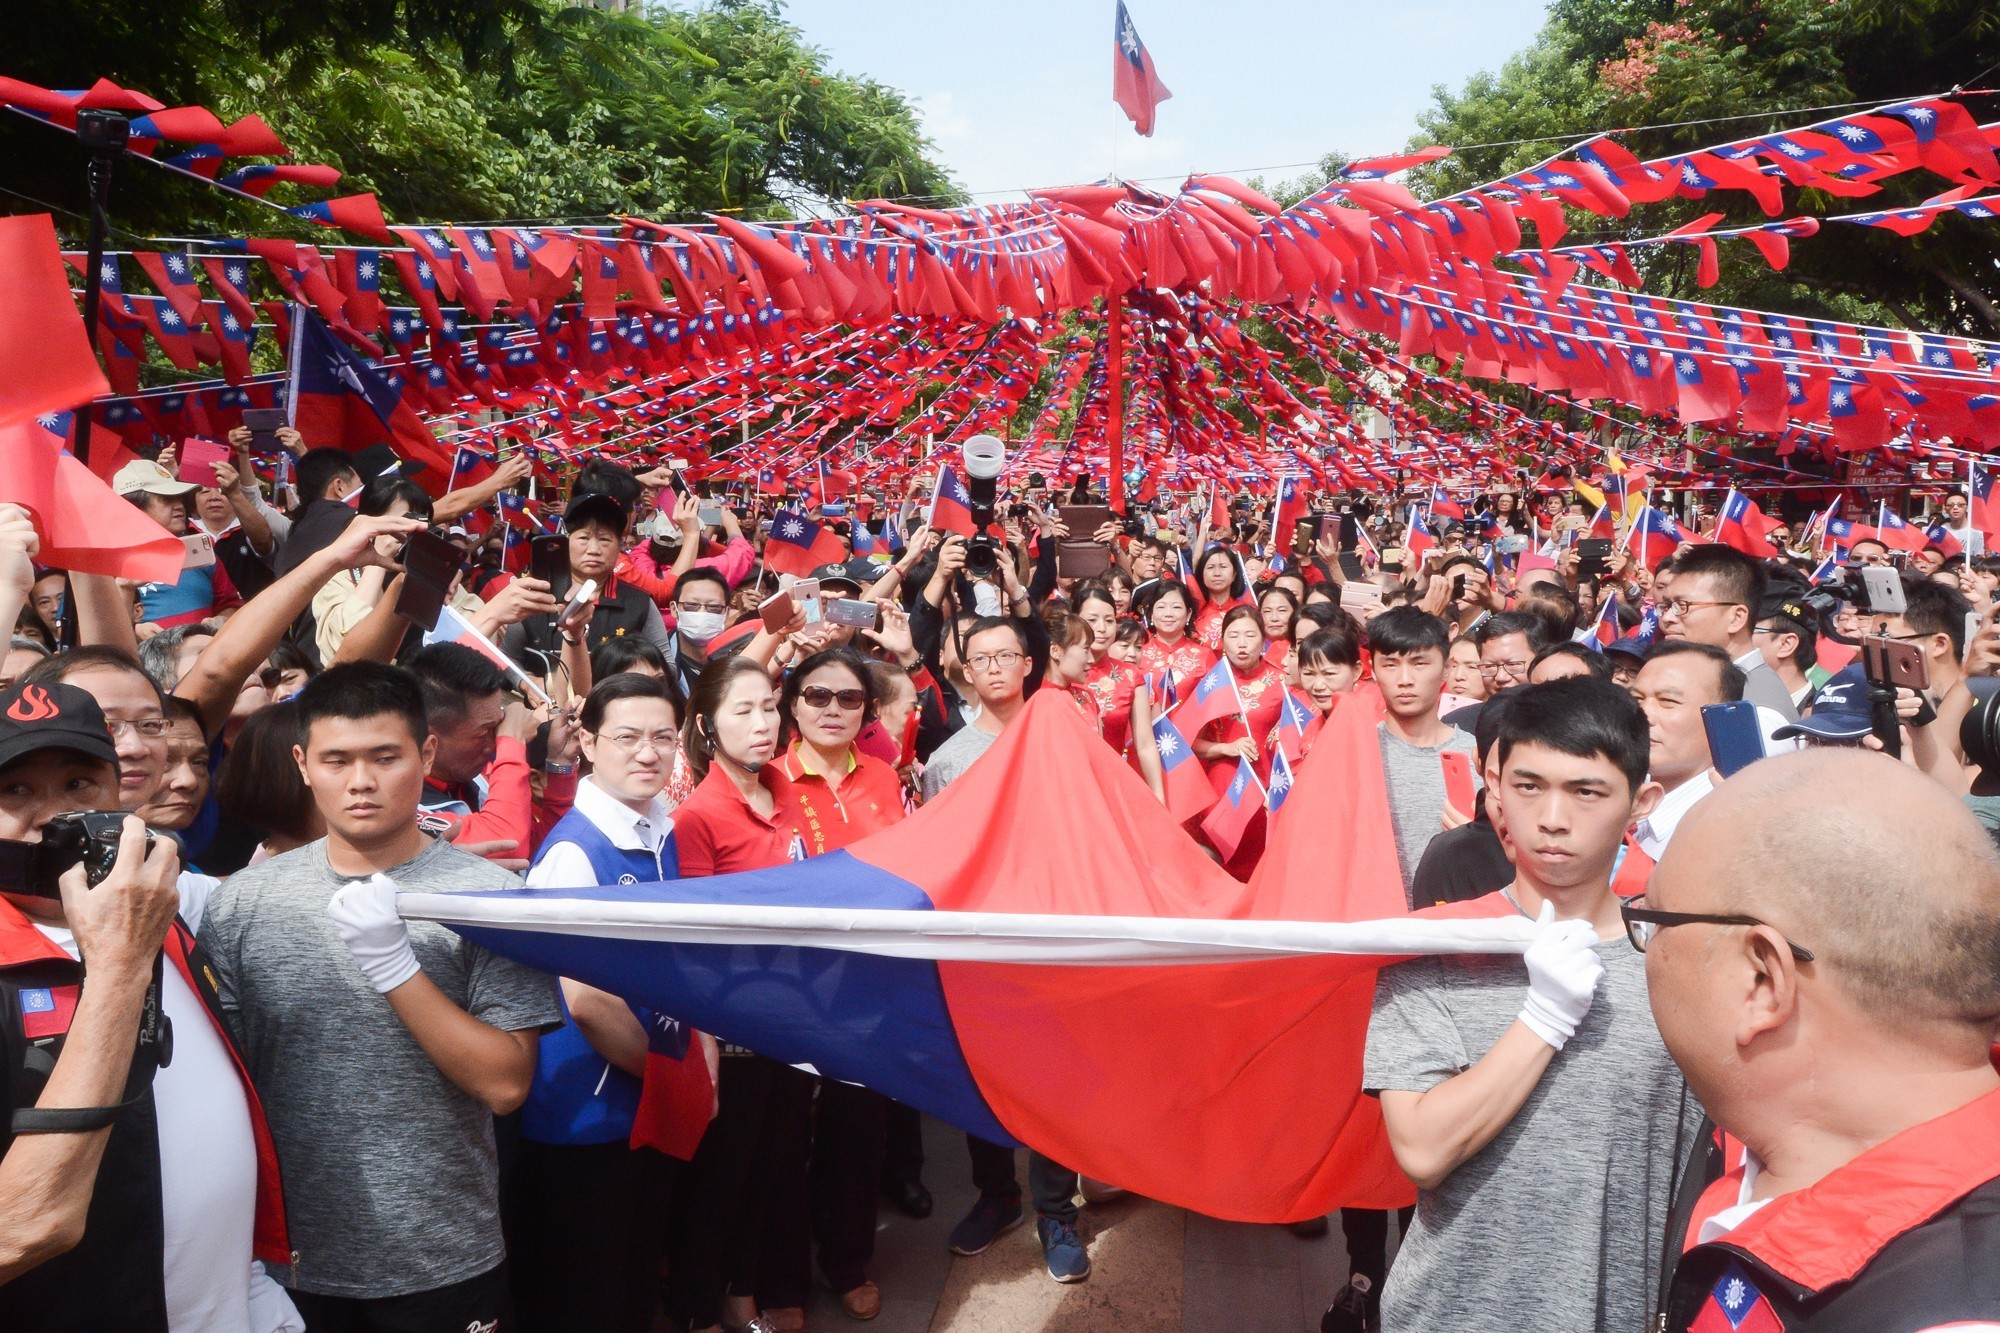 107年雙十牽手升國旗活動,現場國旗飄揚,展現愛國心